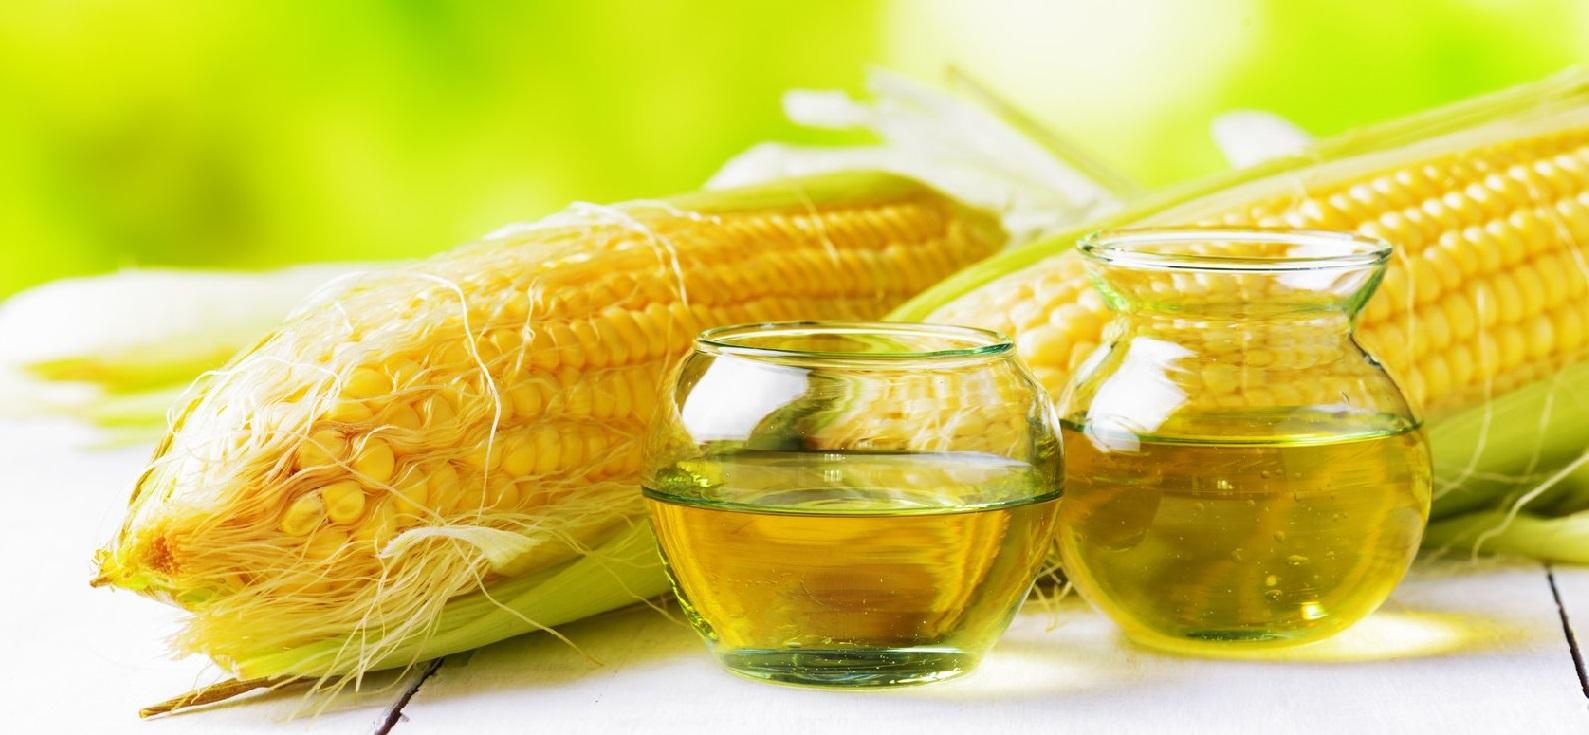 Кукурузное масло: польза и вред, применение в кулинарии и 53